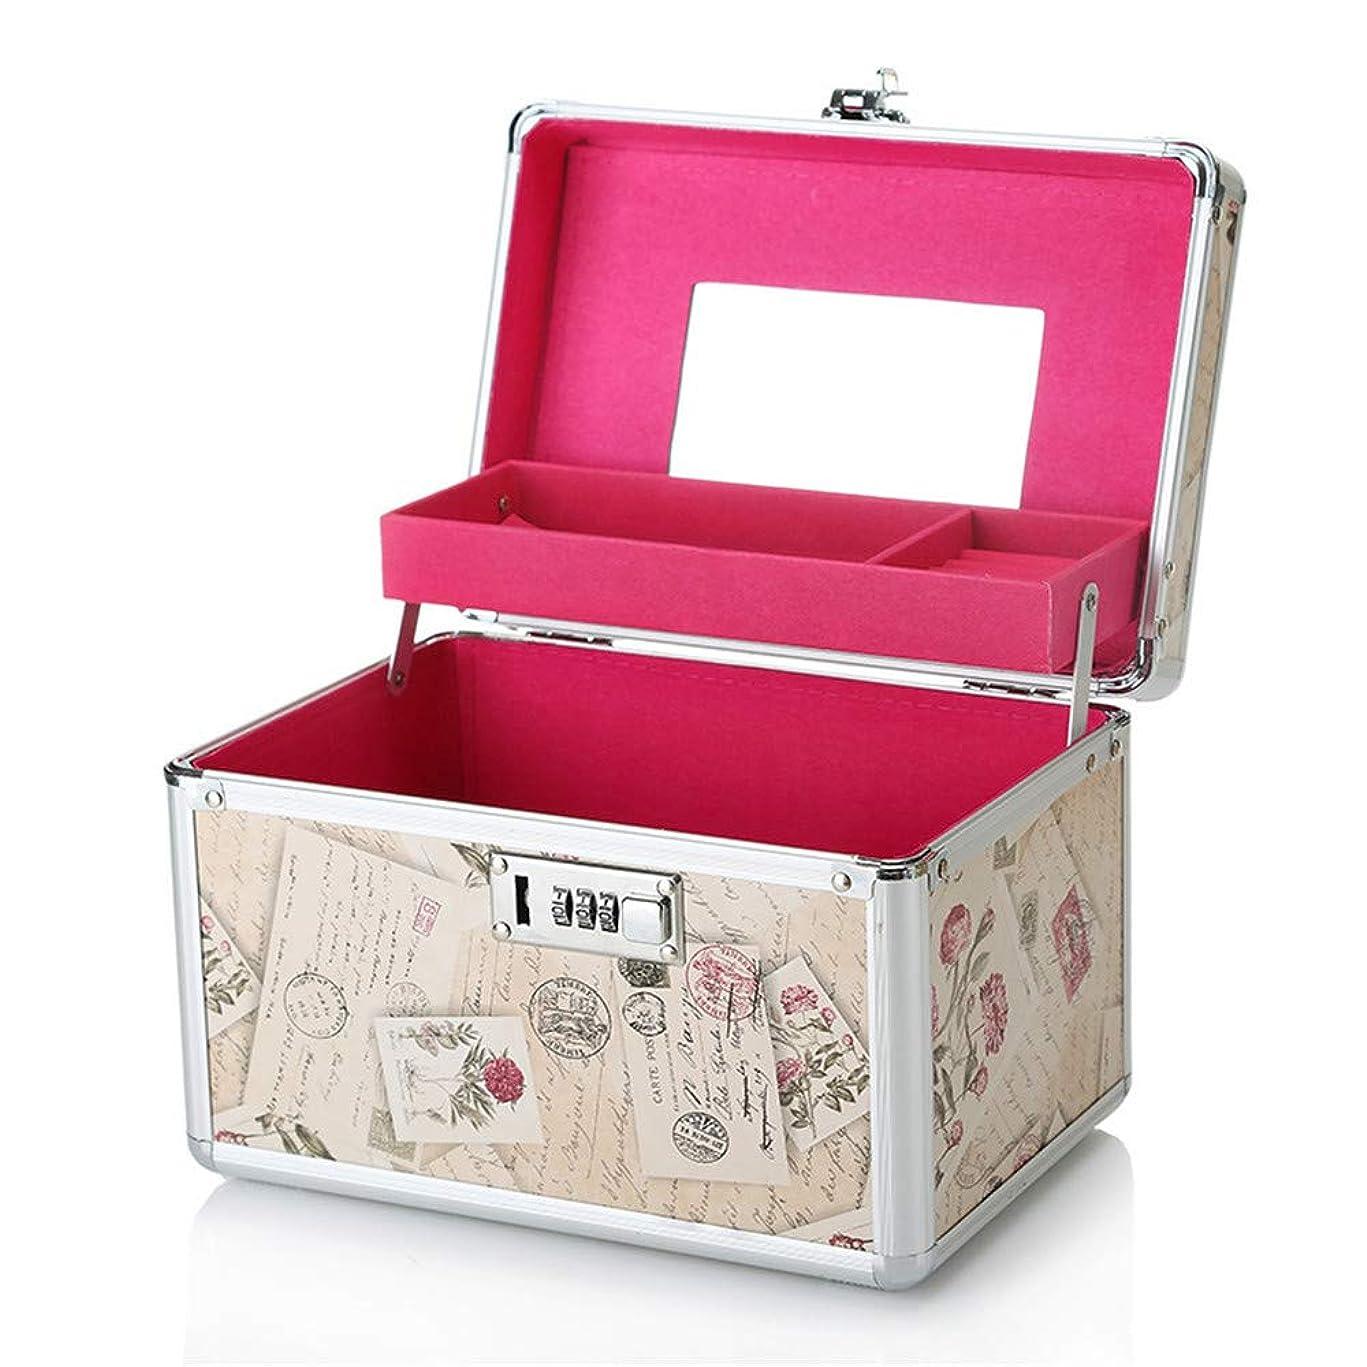 資産部分カーペット特大スペース収納ビューティーボックス 美の構造のためそしてジッパーおよび折る皿が付いている女の子の女性旅行そして毎日の貯蔵のための高容量の携帯用化粧品袋 化粧品化粧台